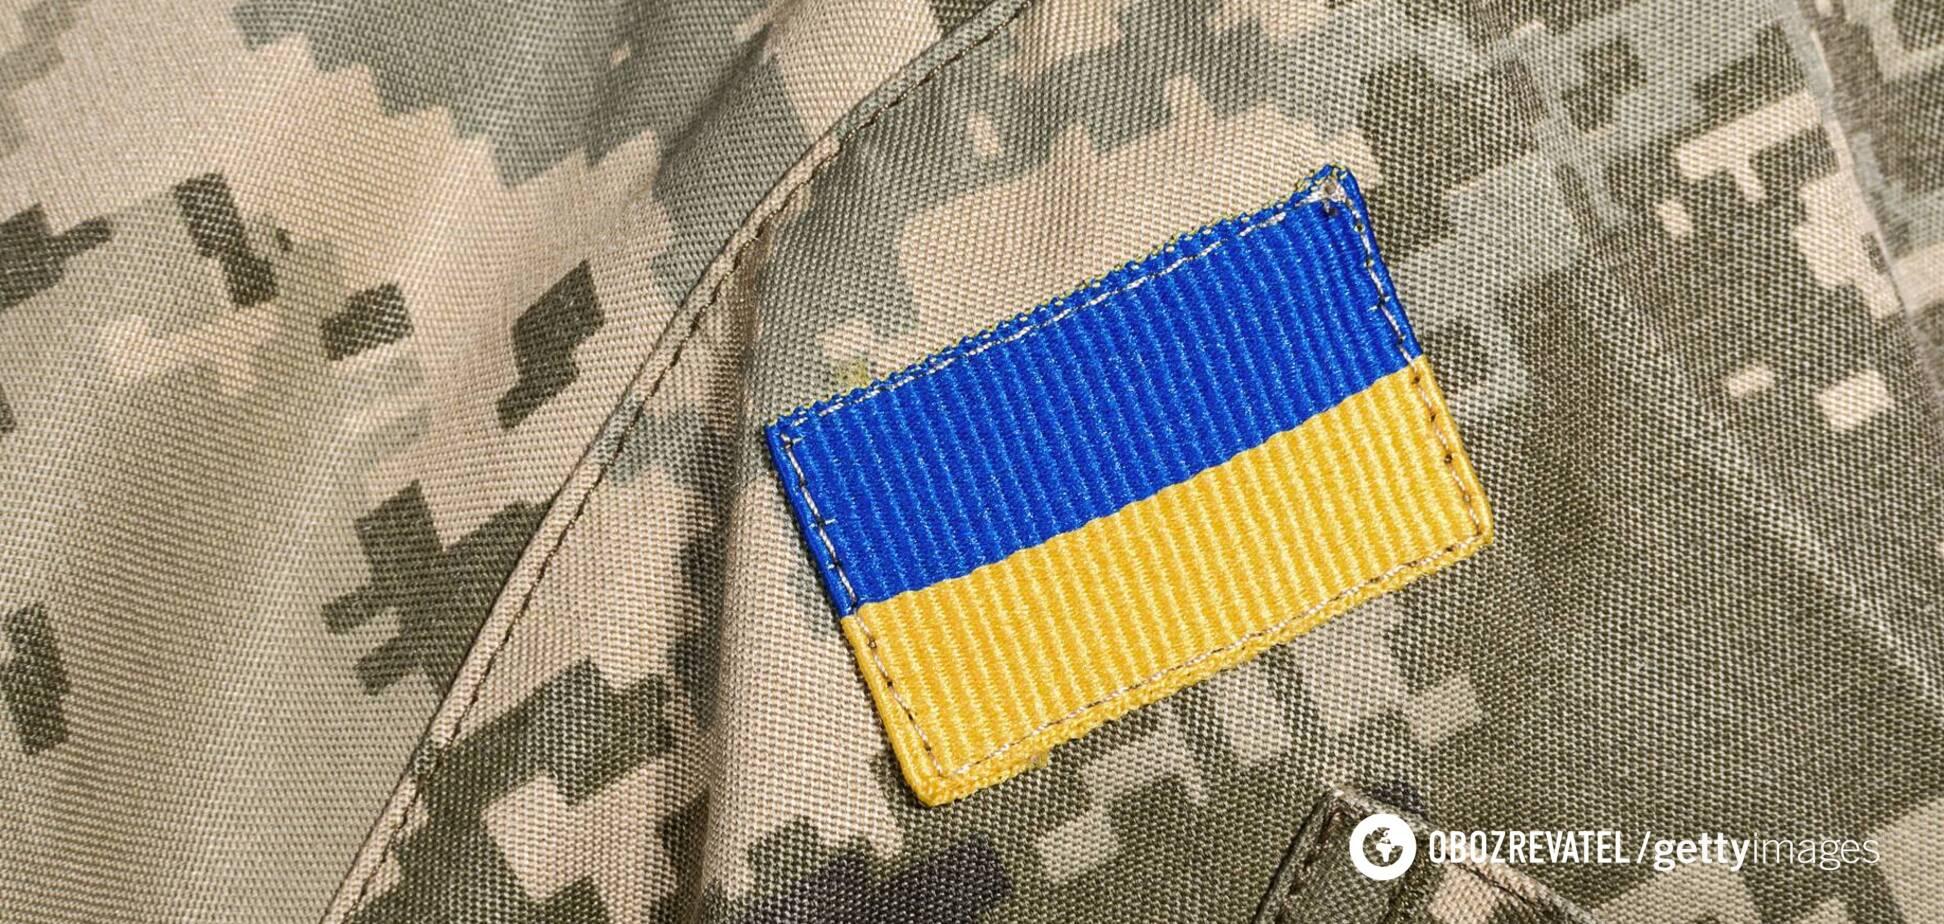 У Кропивницькому знайшли повішеним 33-річного капітана ЗСУ